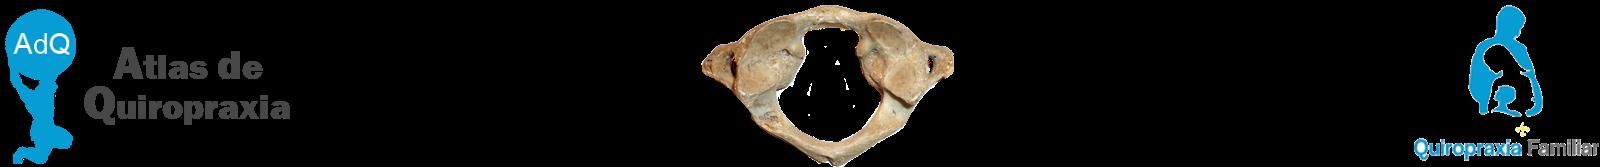 Atlas de Quiropraxia